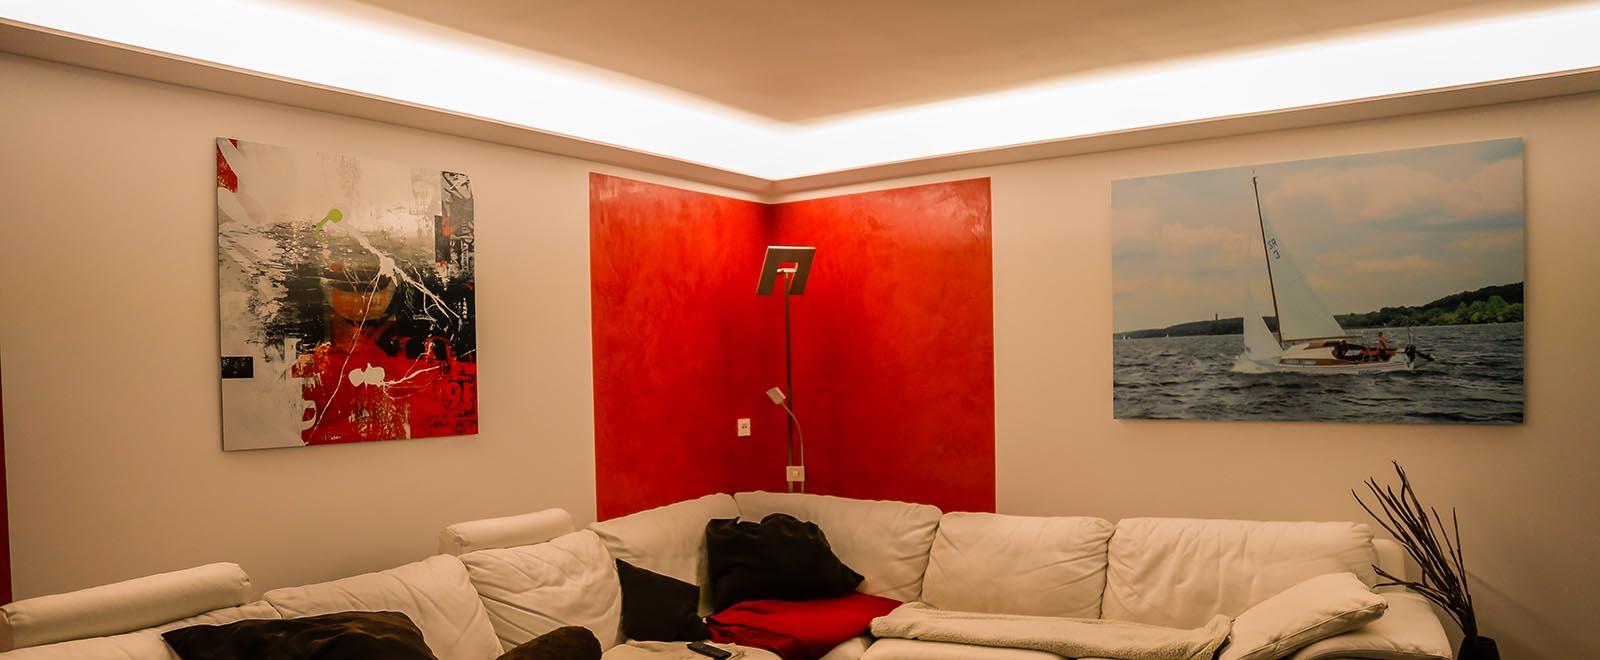 Eine indirekte Deckenbeleuchtung mit LED Stuckleisten - Tipps und Tricks zum selber machen